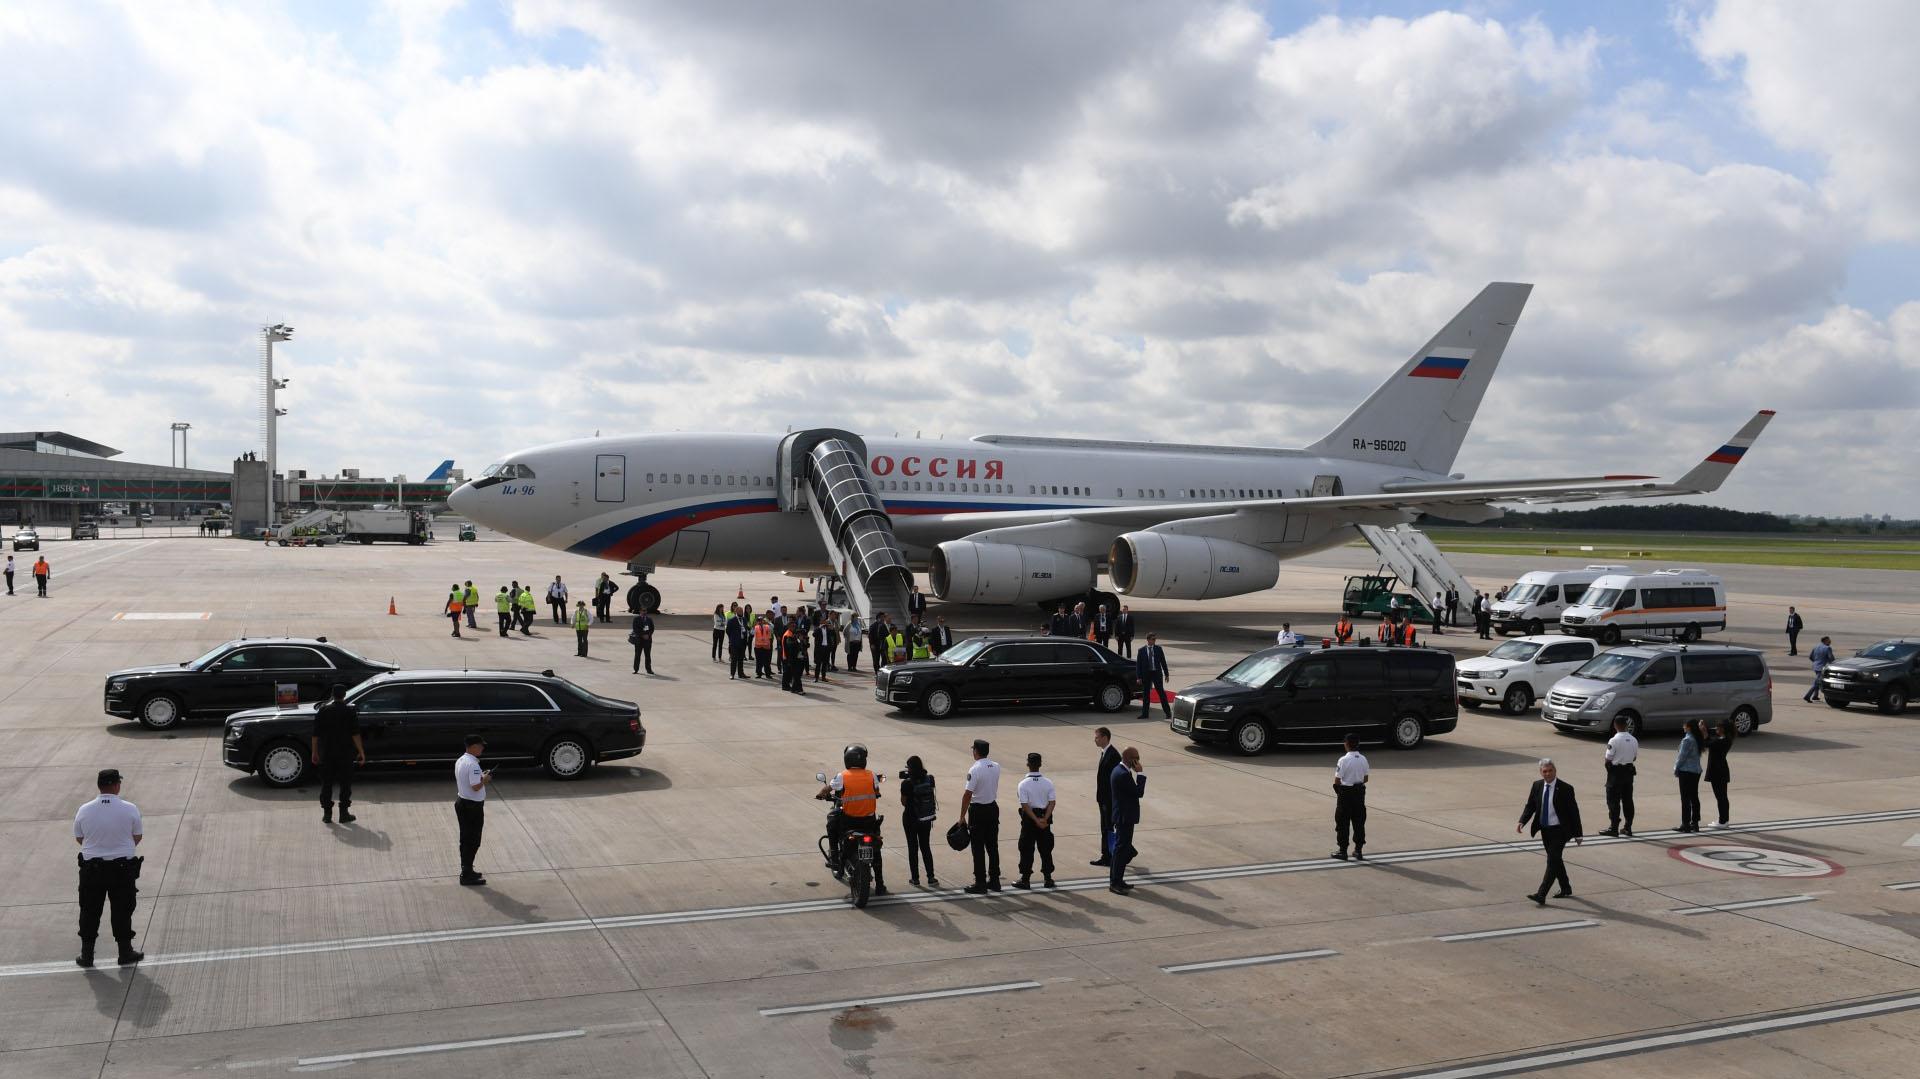 El avión de la Federación Rusa